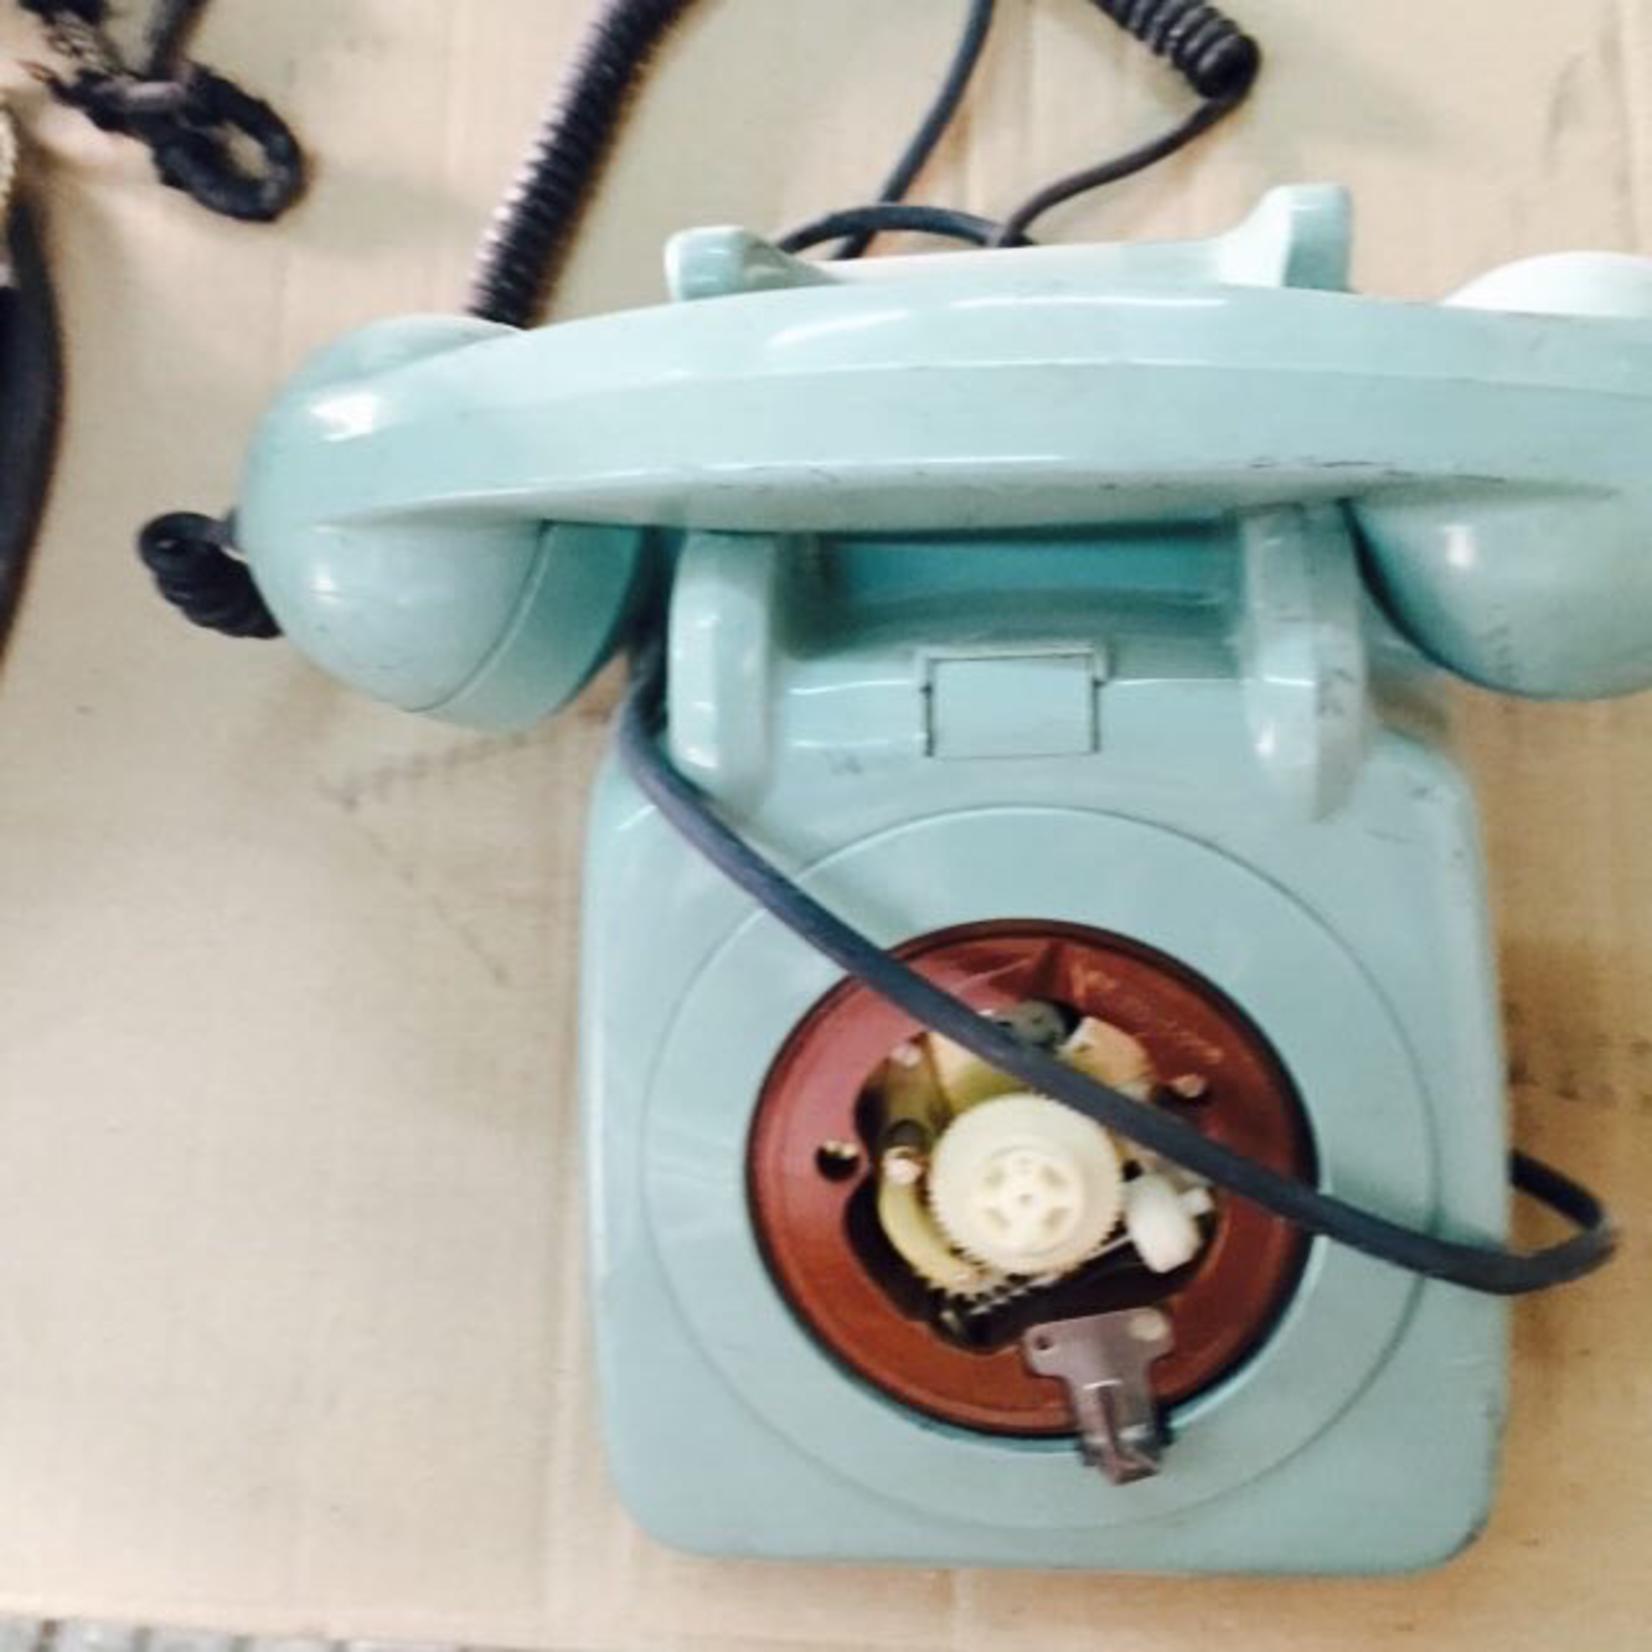 TAJHOME VINTAGE BLUE PHONE